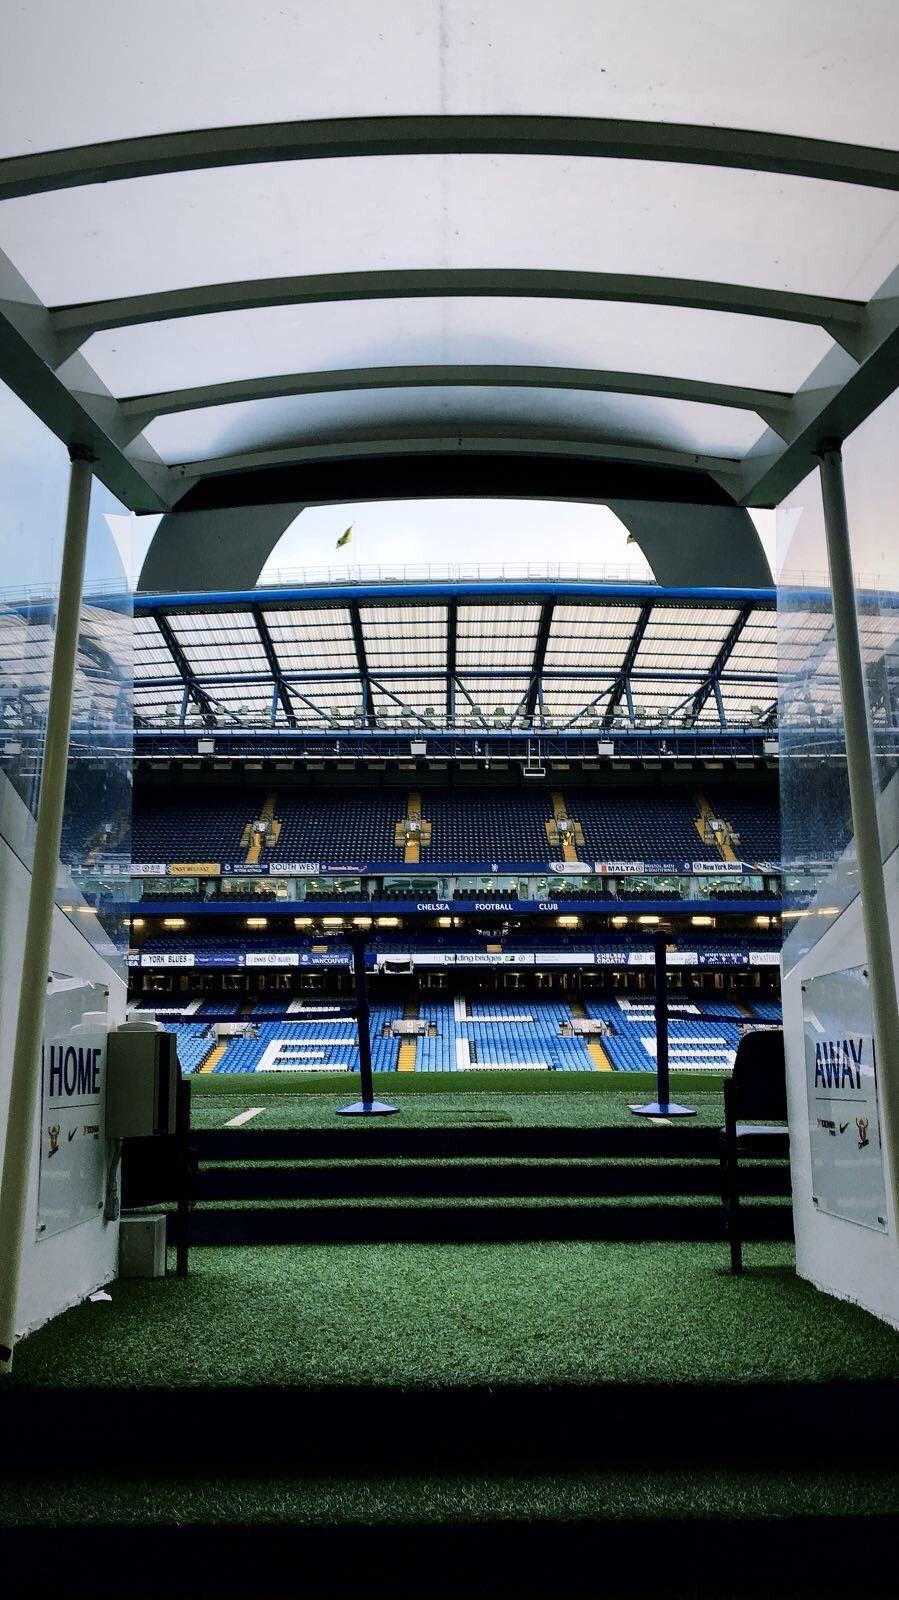 Pin oleh m Kh di Chelsea Olahraga, Sepak bola